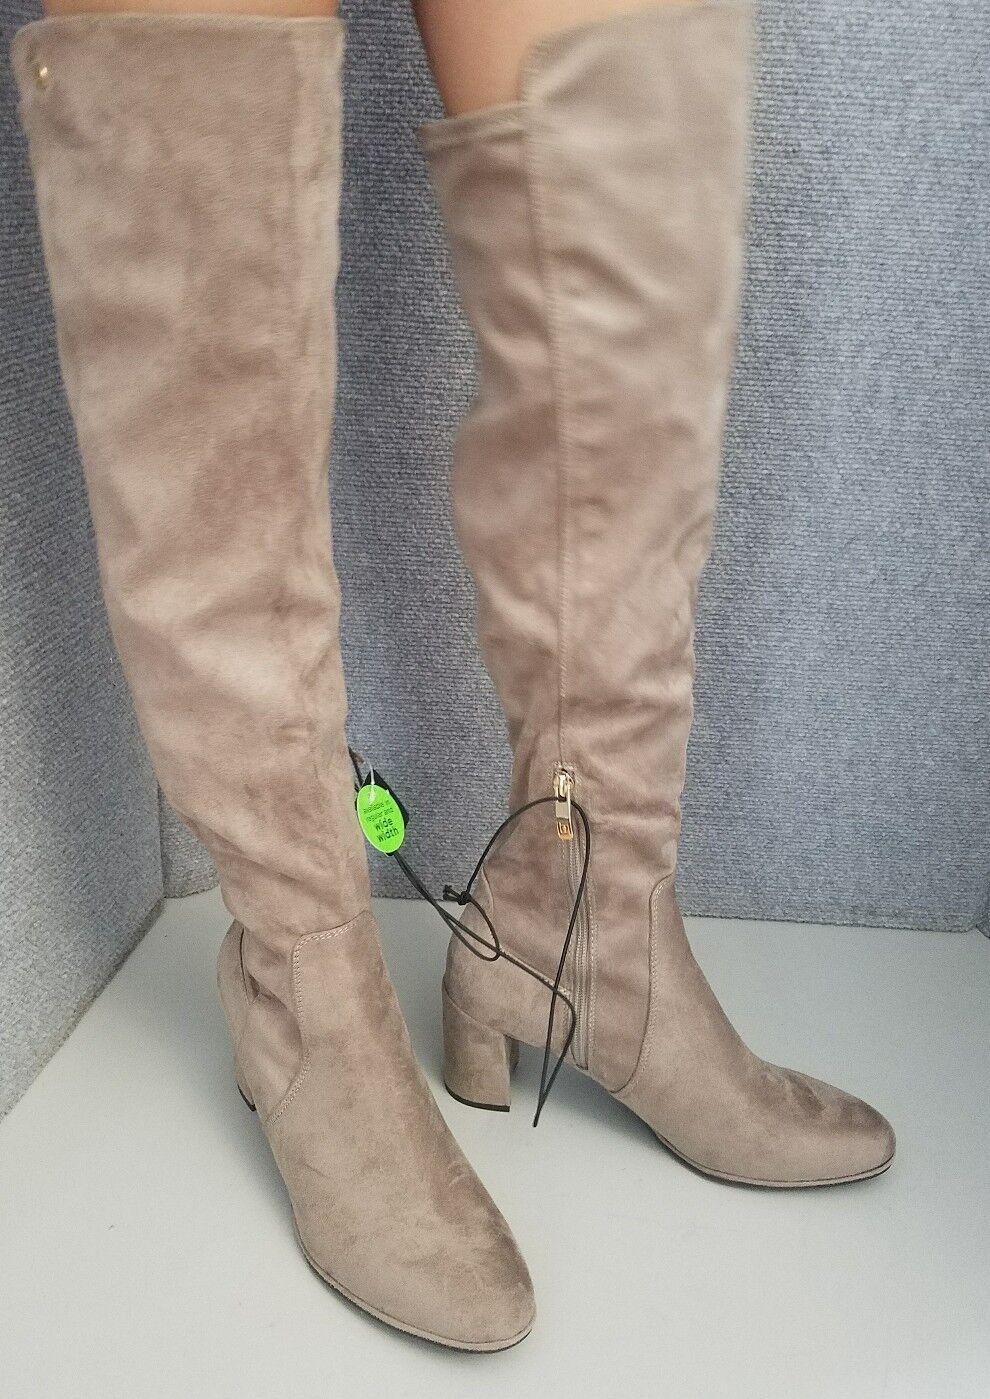 Liz Claiborne Leyla Taupe Au-dessus Du Genou Femmes Bottes Chaussures Taille 9.5 M